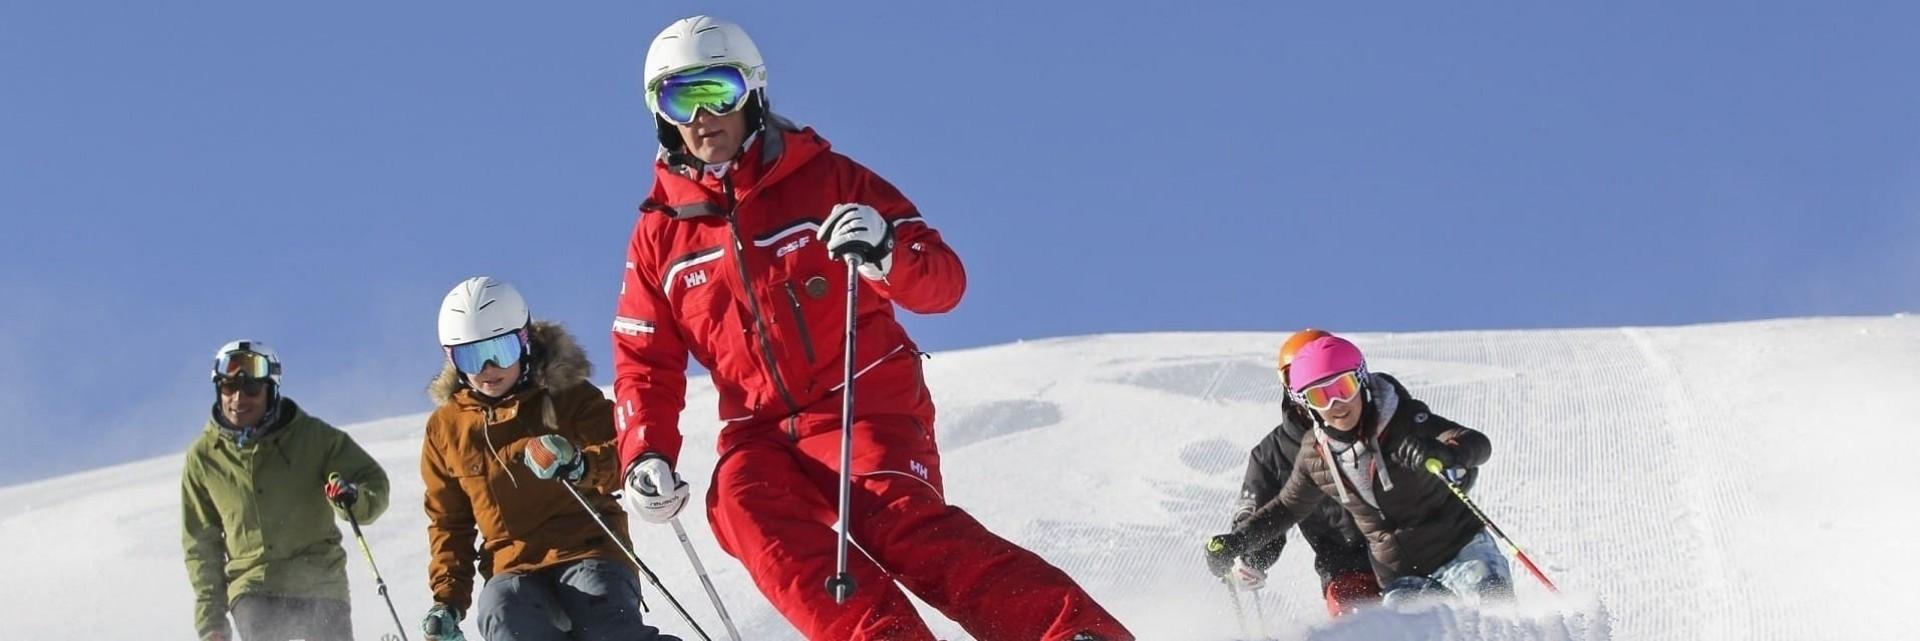 Cours de ski adulte Chatel France